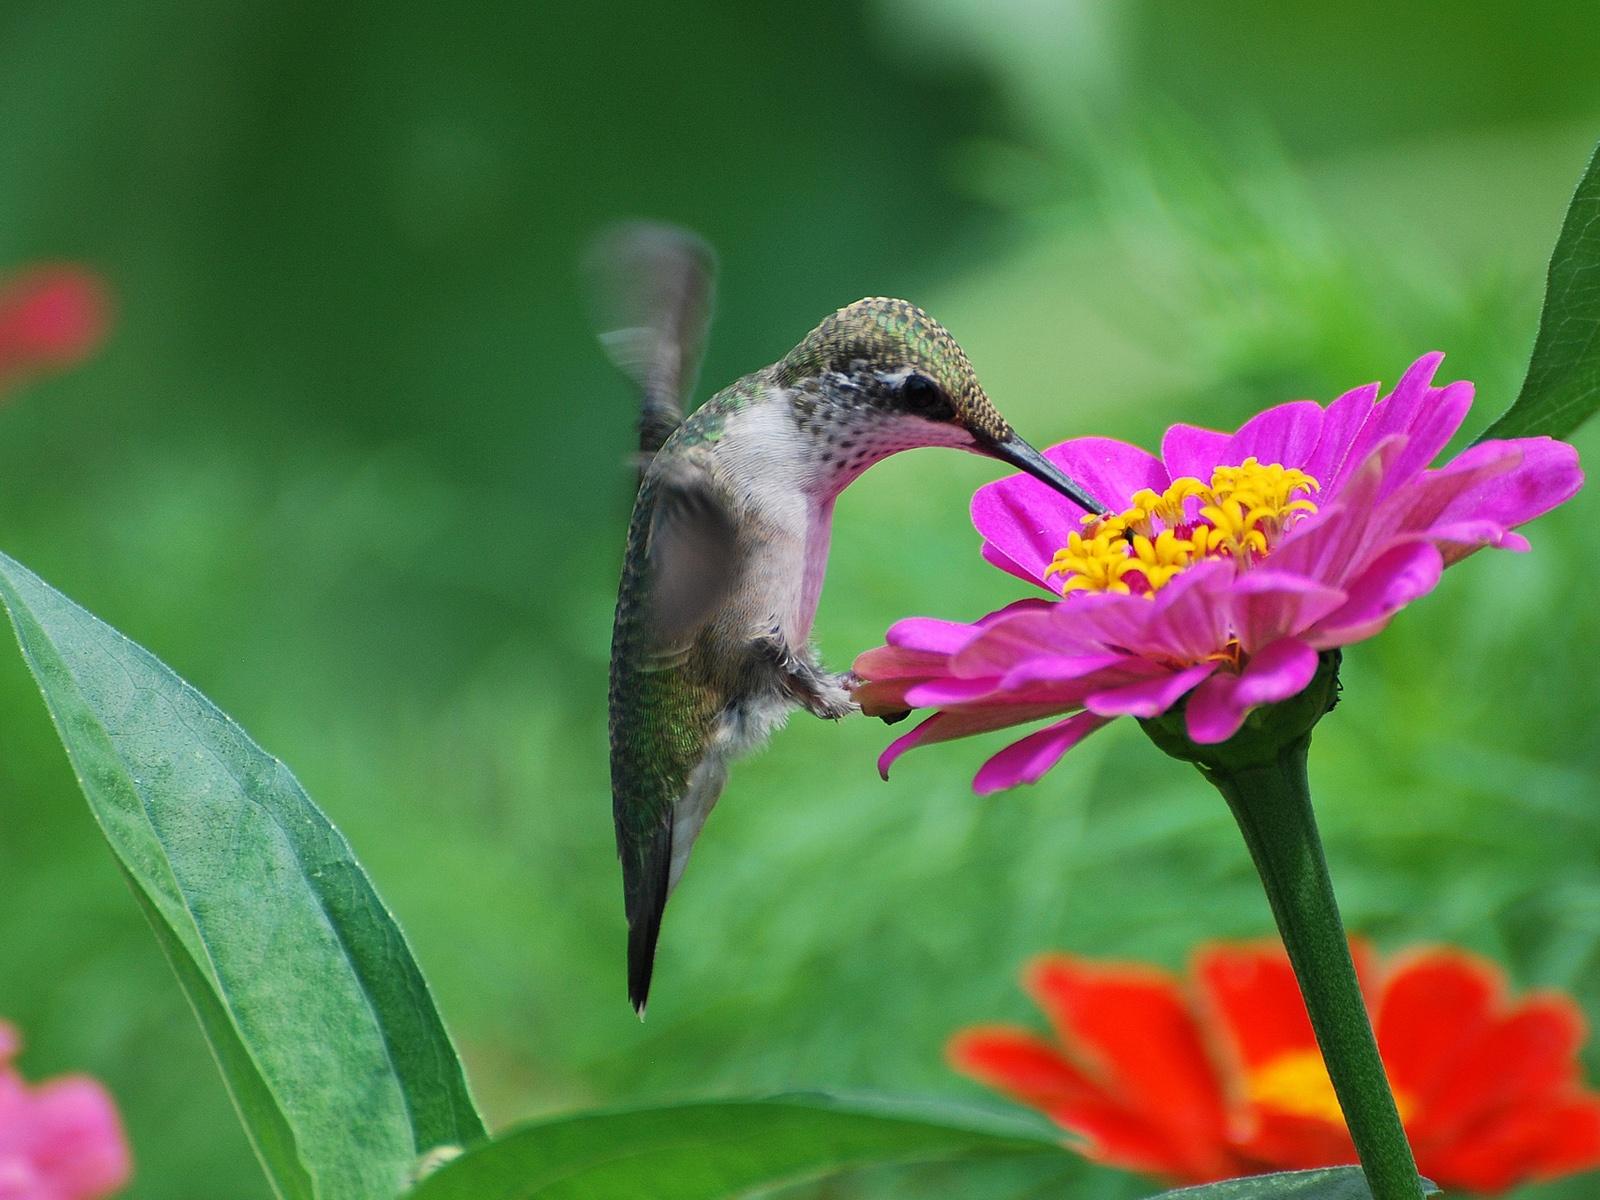 Hummingbird pink flower nectar Wallpaper